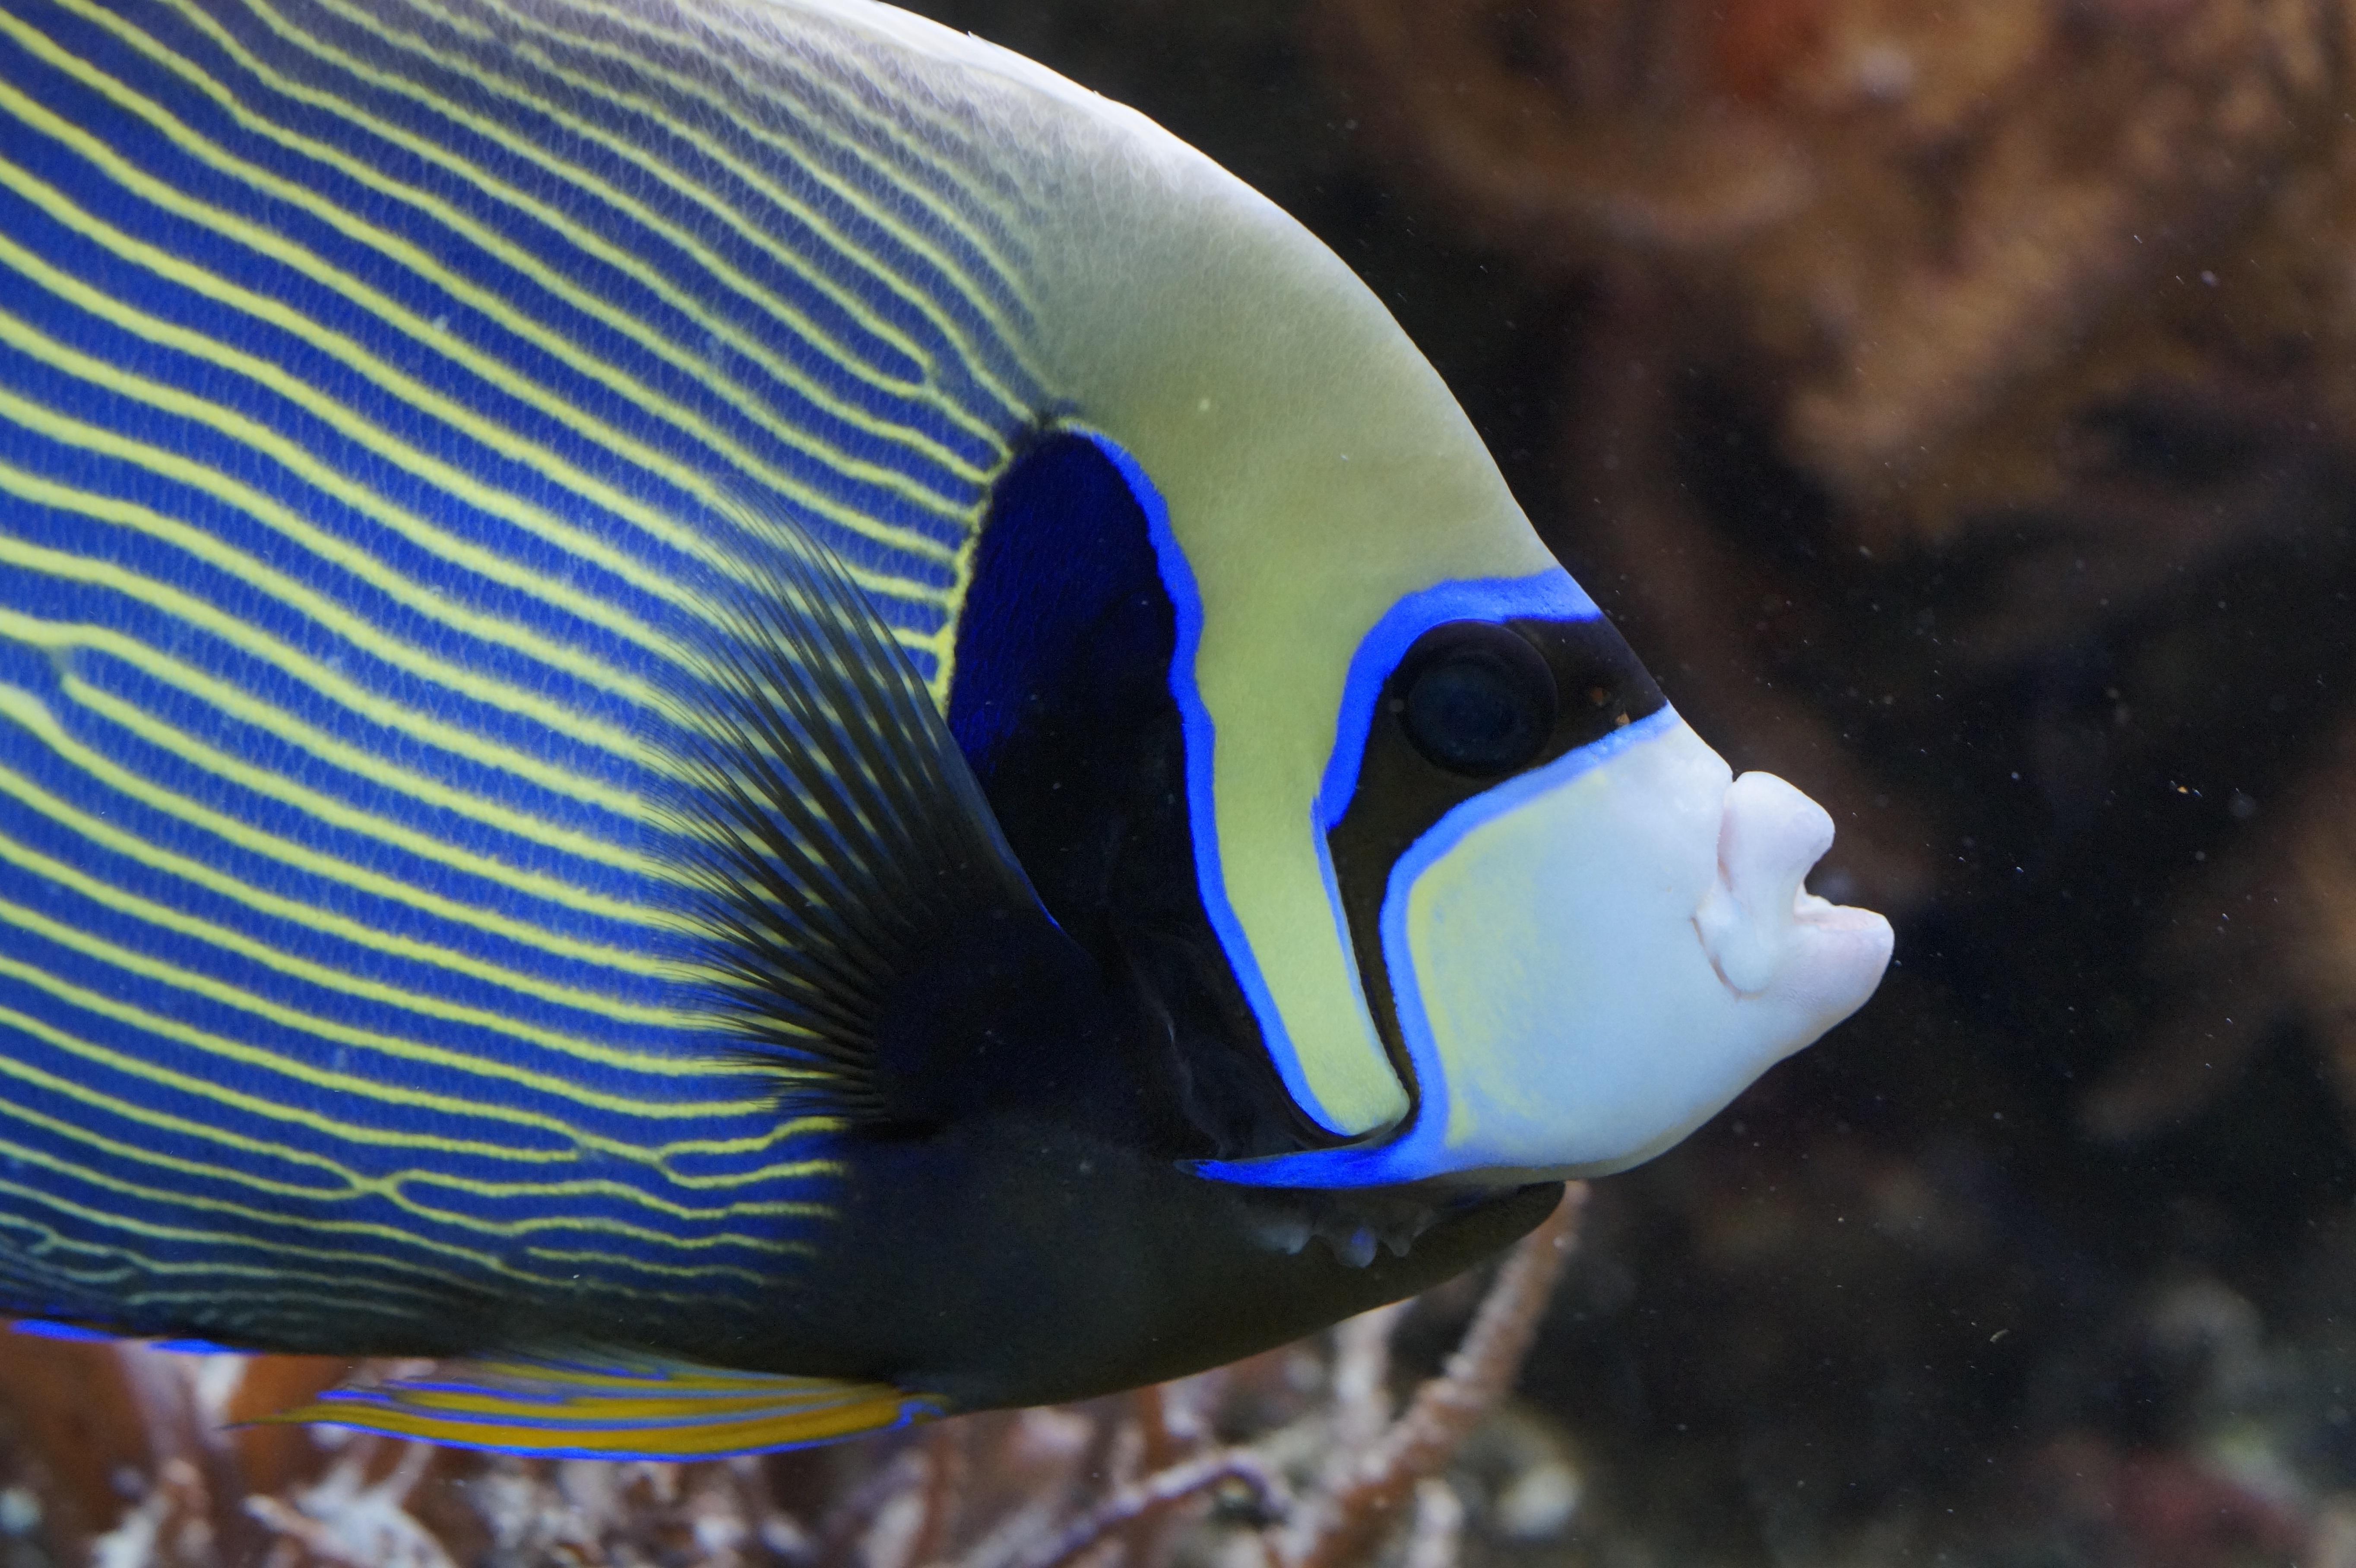 Fotos gratis  Oceano nadar patrn color biologa azul